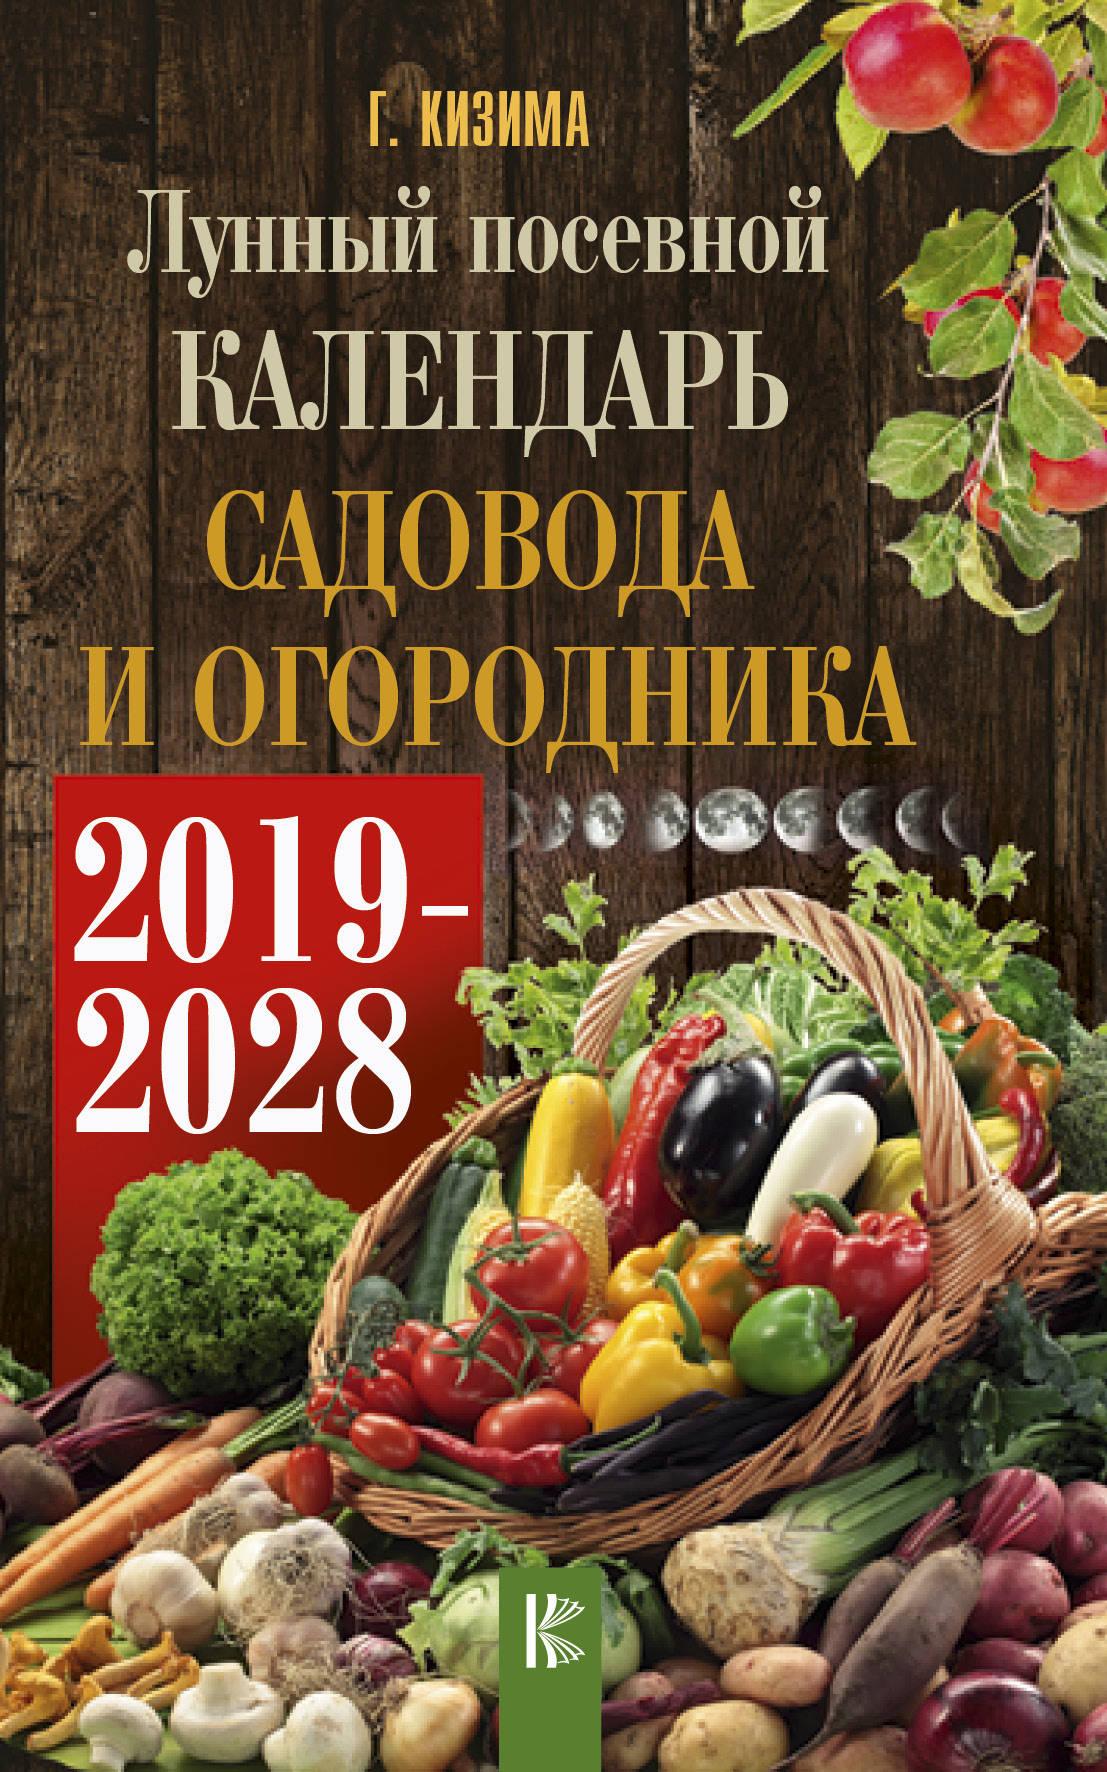 Г. Кизима Лунный календарь садовода и огородника на 2019-2028 гг.